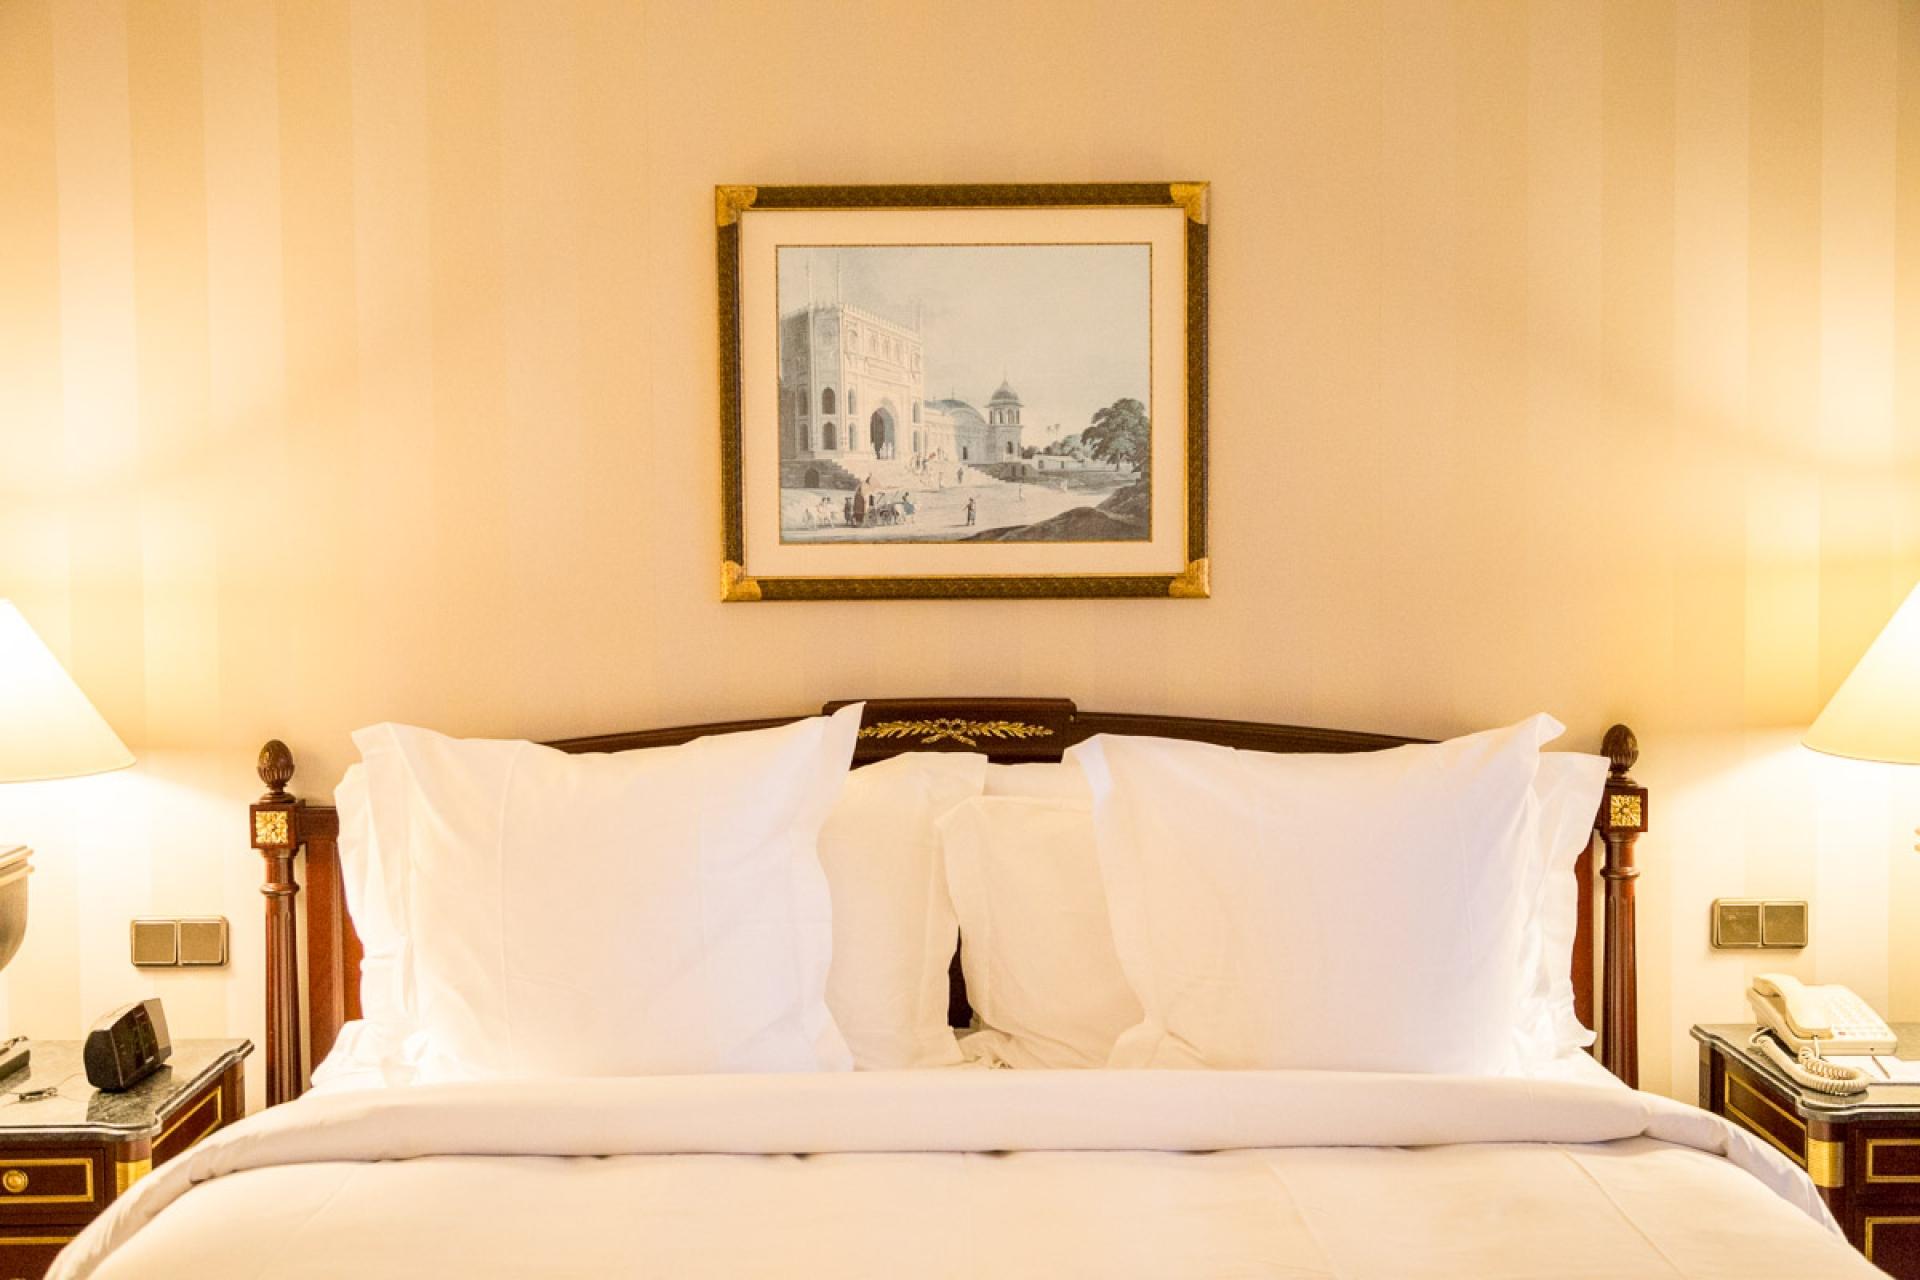 LisboaCool_Dormir_Hotel_Ritz_Four_Seasons_Lisboa